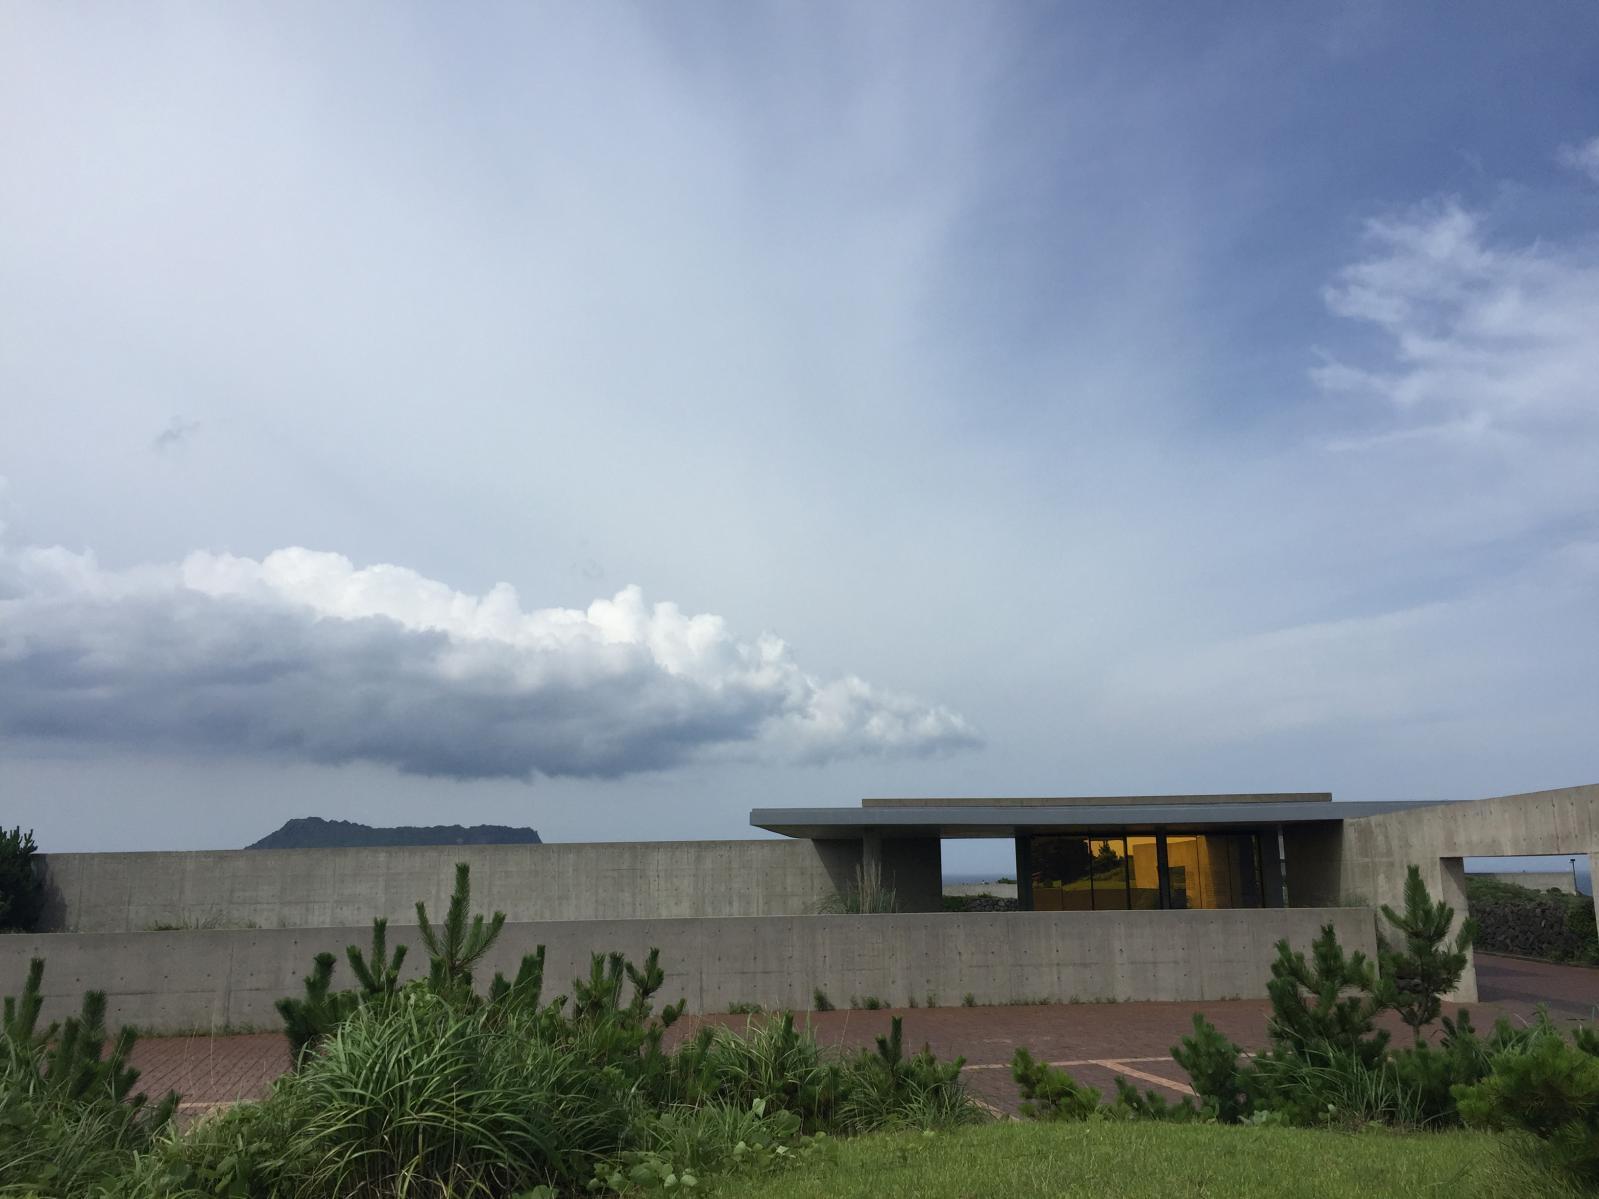 Le musée construit par Tadao Ando en 2008 sur l'île de Jeju, en Corée duSud. ©Yumin Collection